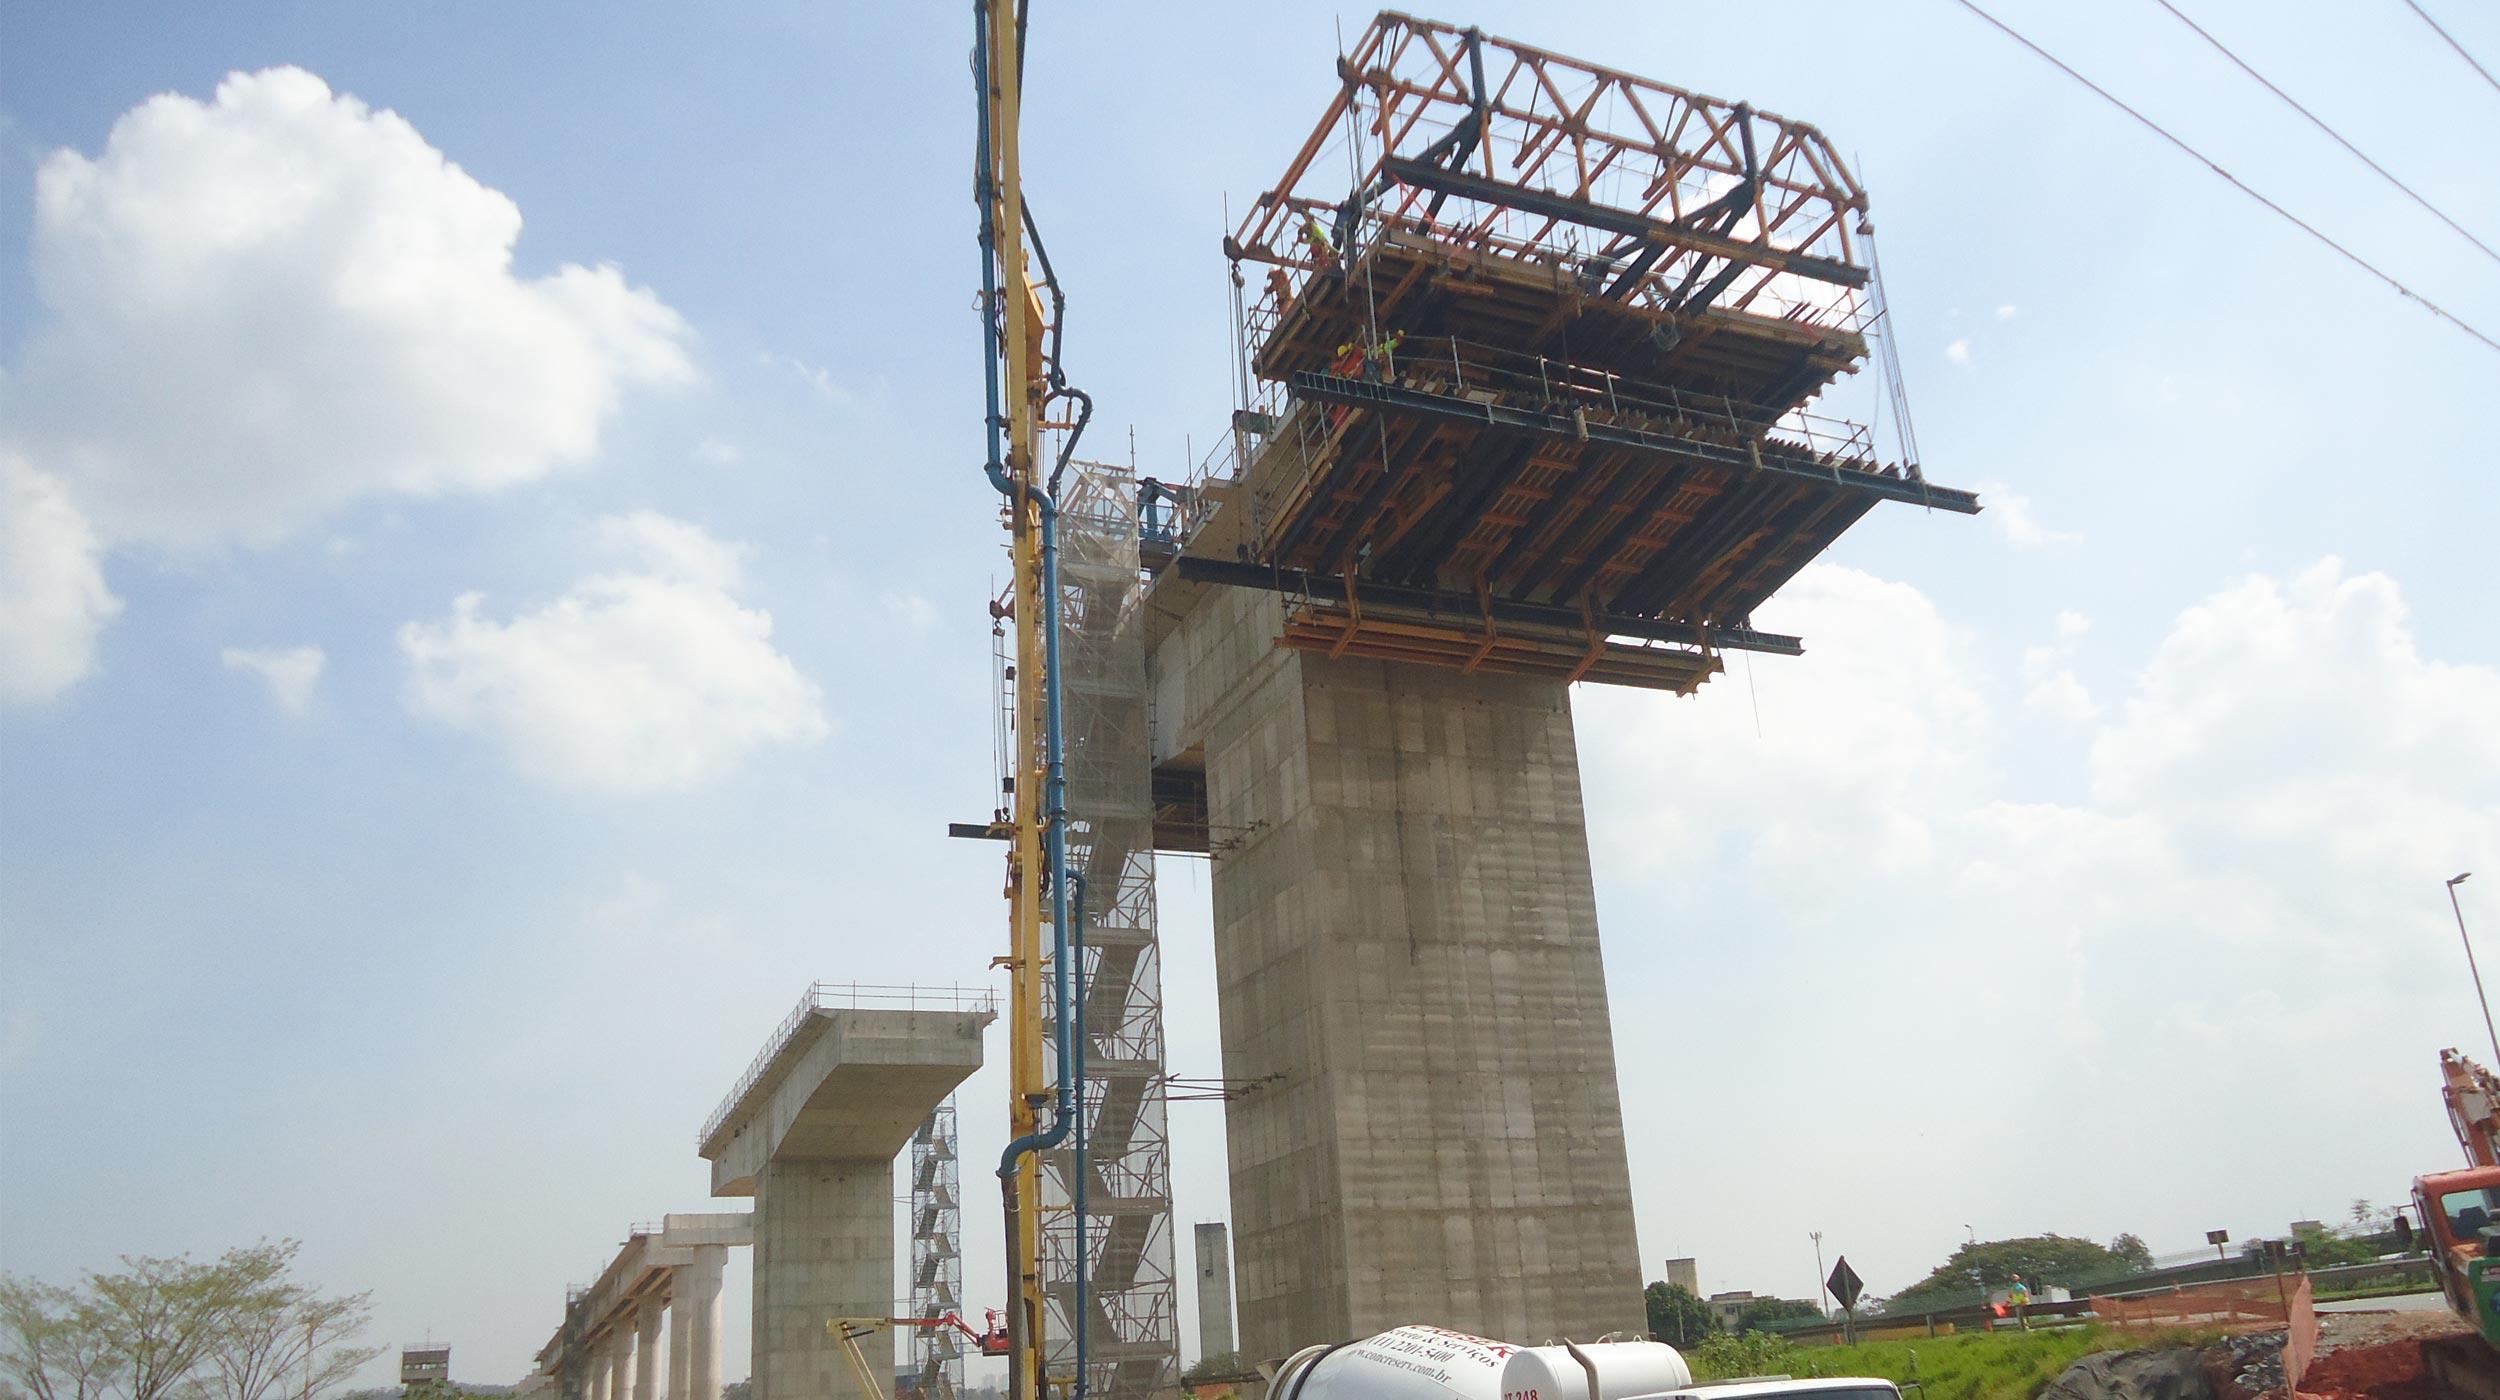 A nova Linha-13 Jade, que ligará São Paulo ao Aeroporto Internacional de Guarulhos, é a mais importante obra da CPTM atualmente, com investimentos totais de R$ 1,8 bilhão, com as obras civis financiadas pela Agência Francesa de Desenvolvimento (AFD) e recursos do Governo do Estado de São Paulo (GESP).